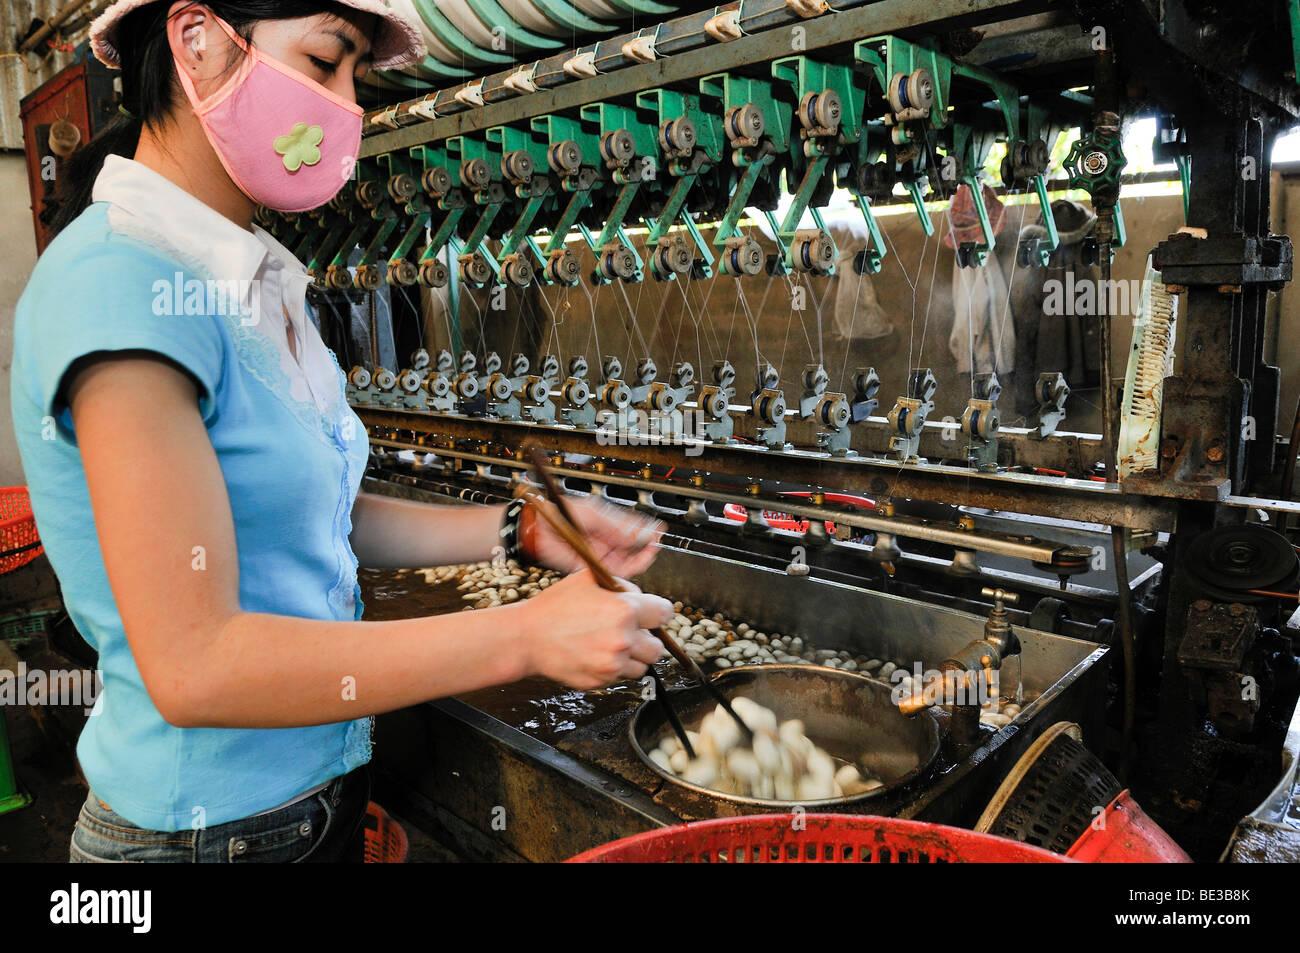 Donna con la maschera per il viso a lavorare in una fabbrica di seta bozzoli, floating in acqua, seta viene rimossa Foto Stock